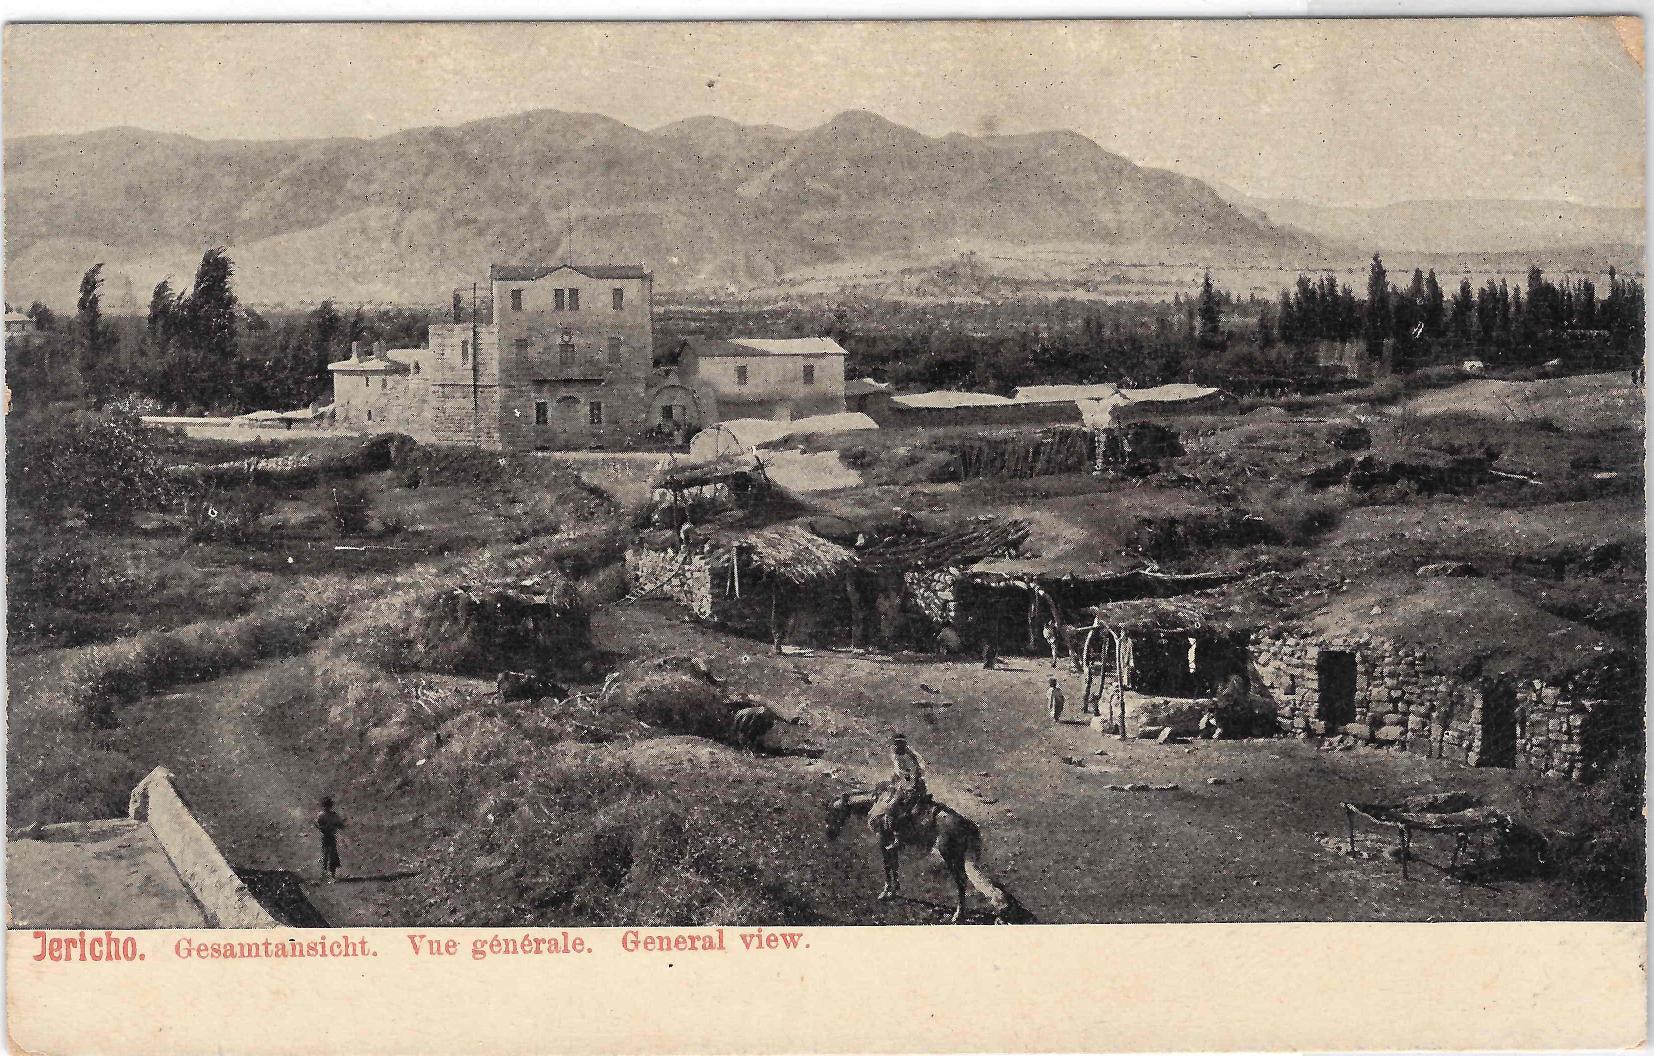 عام لمدينة اريحا فترة العشرينات.jpg